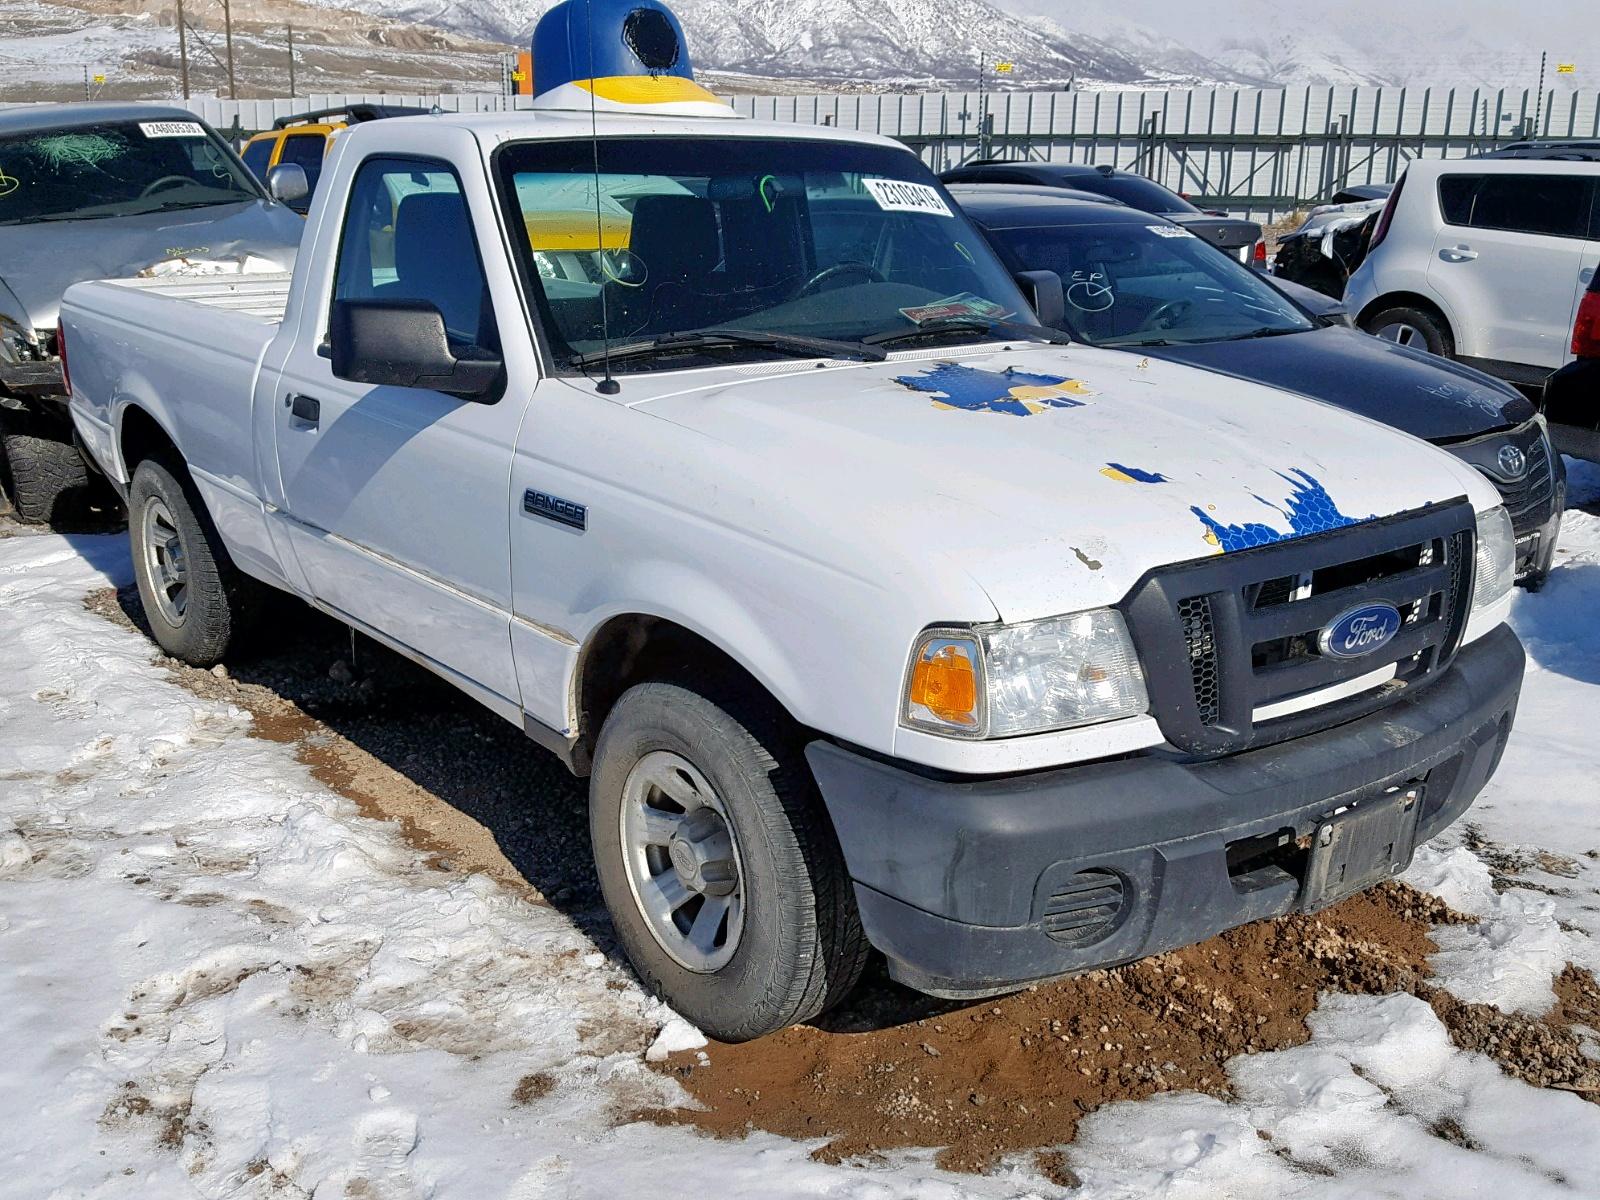 1FTKR1AD0BPA57346 - 2011 Ford Ranger 2.3L Left View